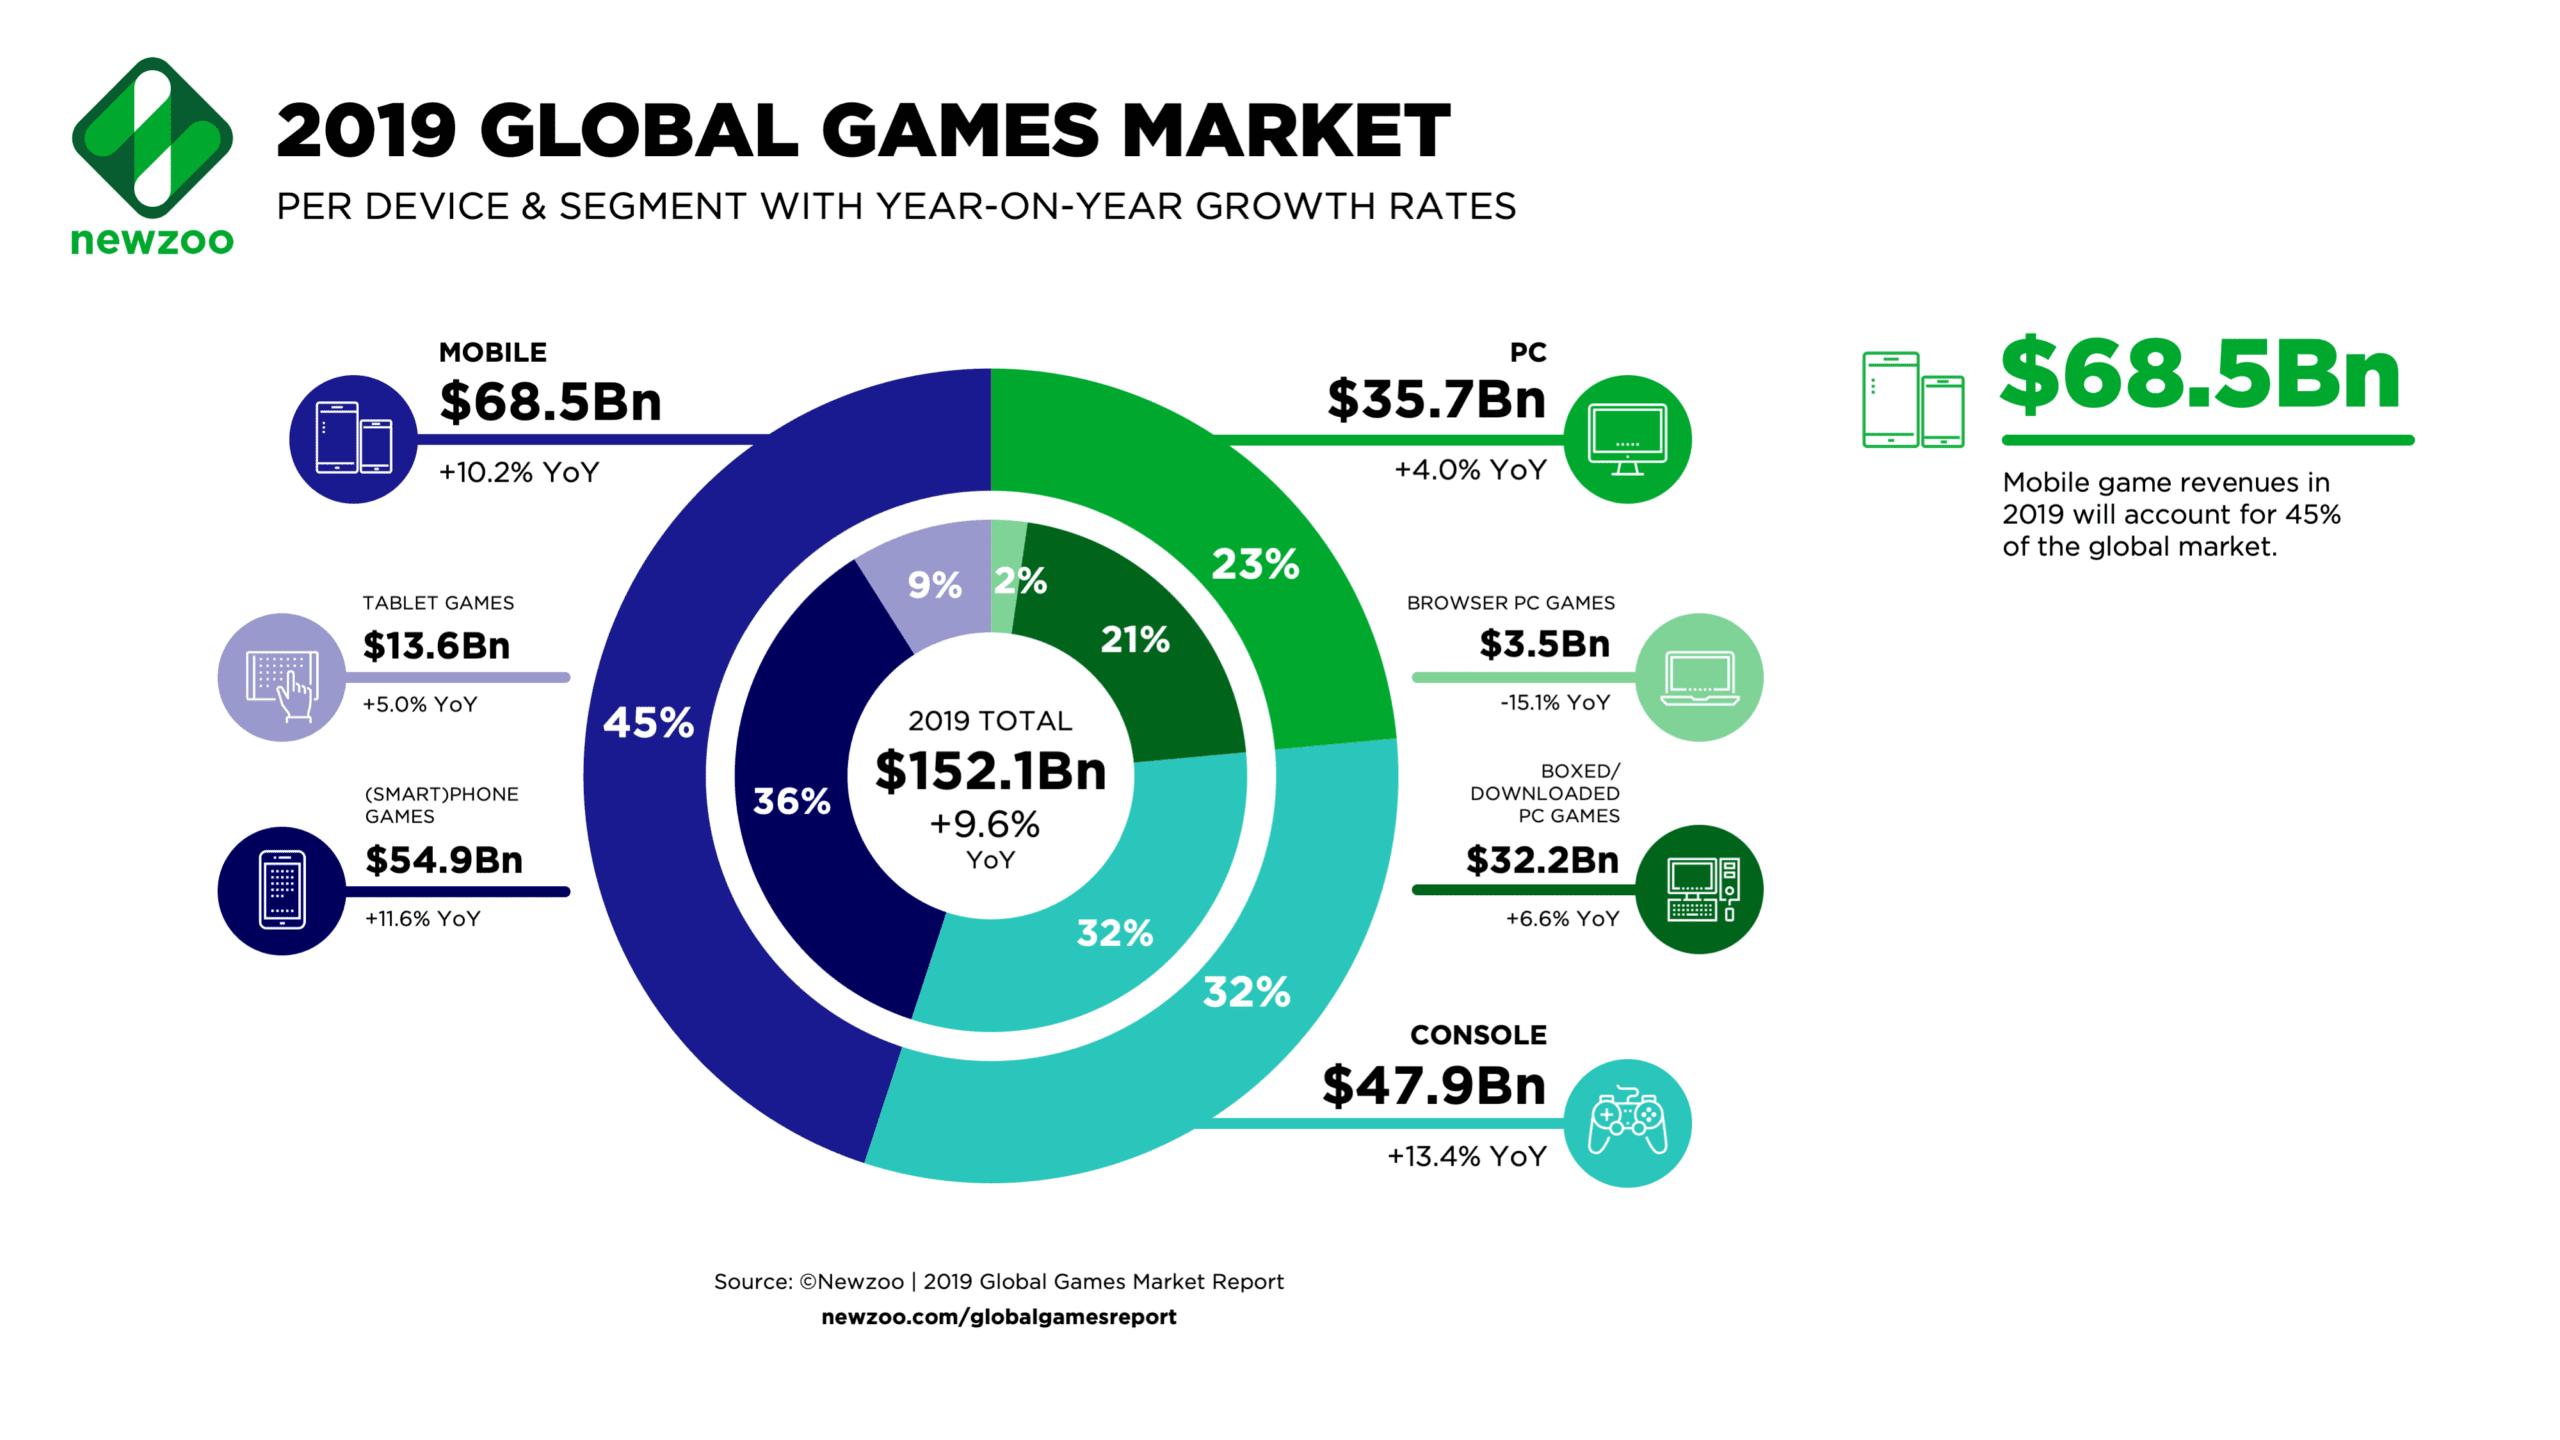 Mercado global de videojuegos en 2019 según Newzoo